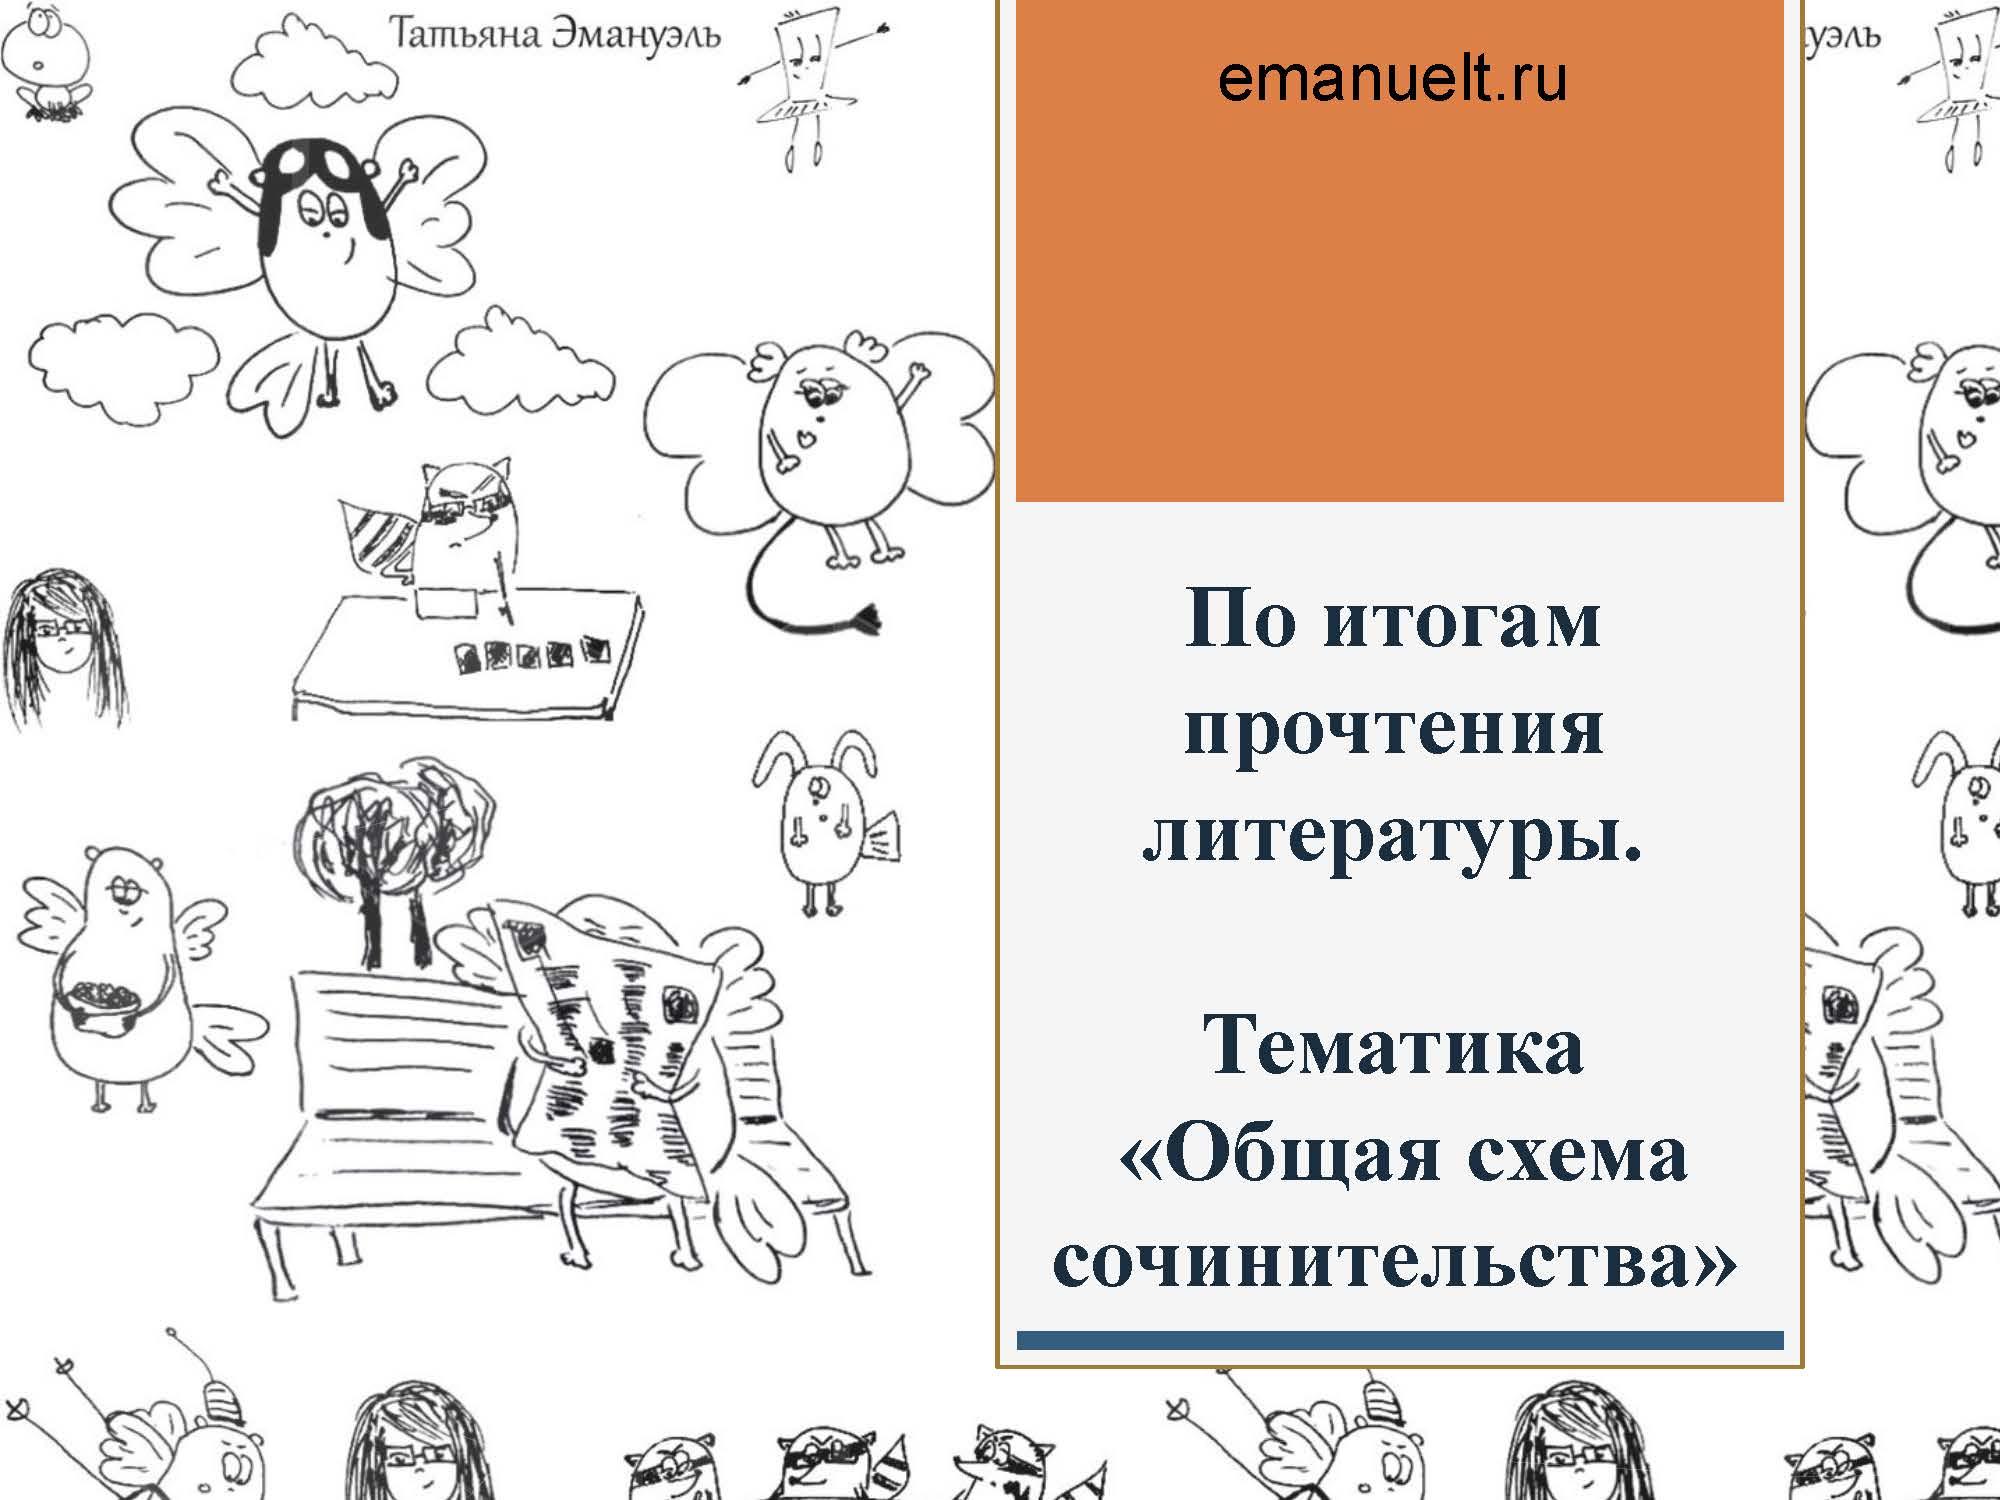 инфо_Страница_013